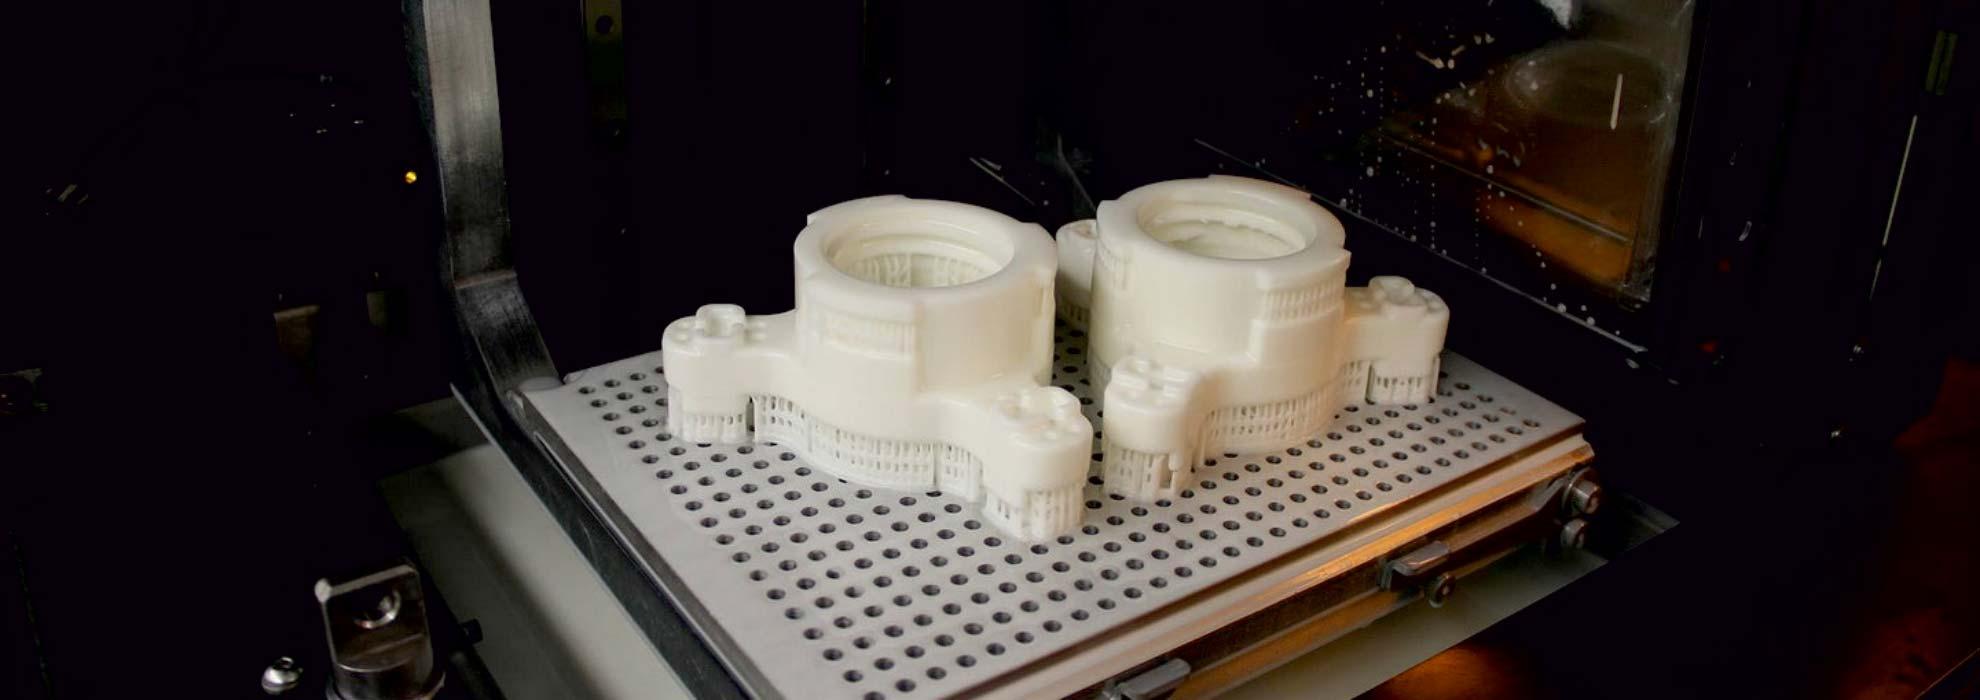 Детали изделия напечатанные на 3 Д принтере